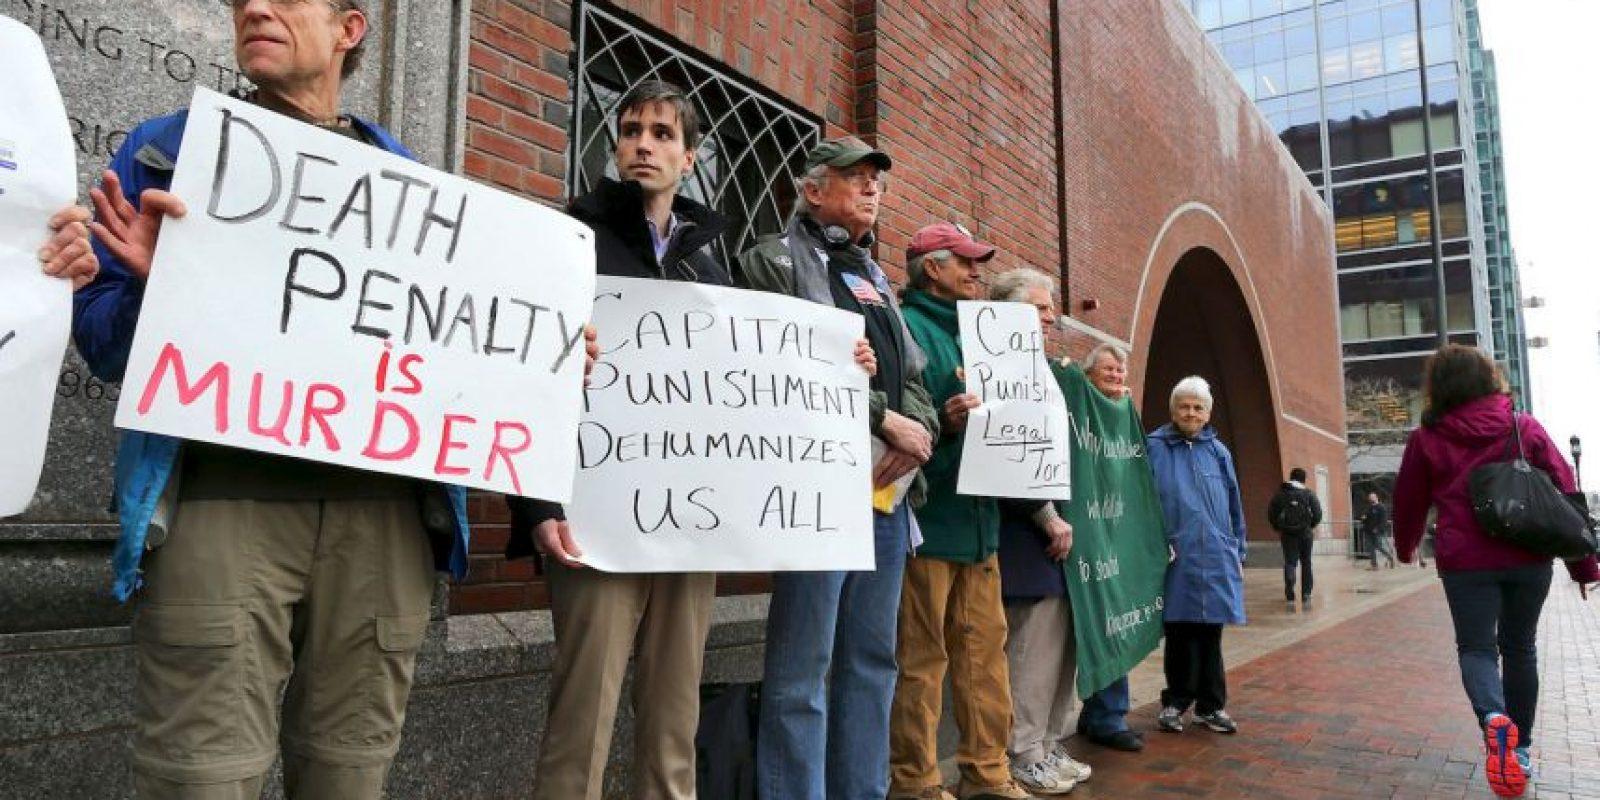 10. Diversas personas se manifestaron en contra de la pena de muerte a las afueras del tribunal. Foto:AP